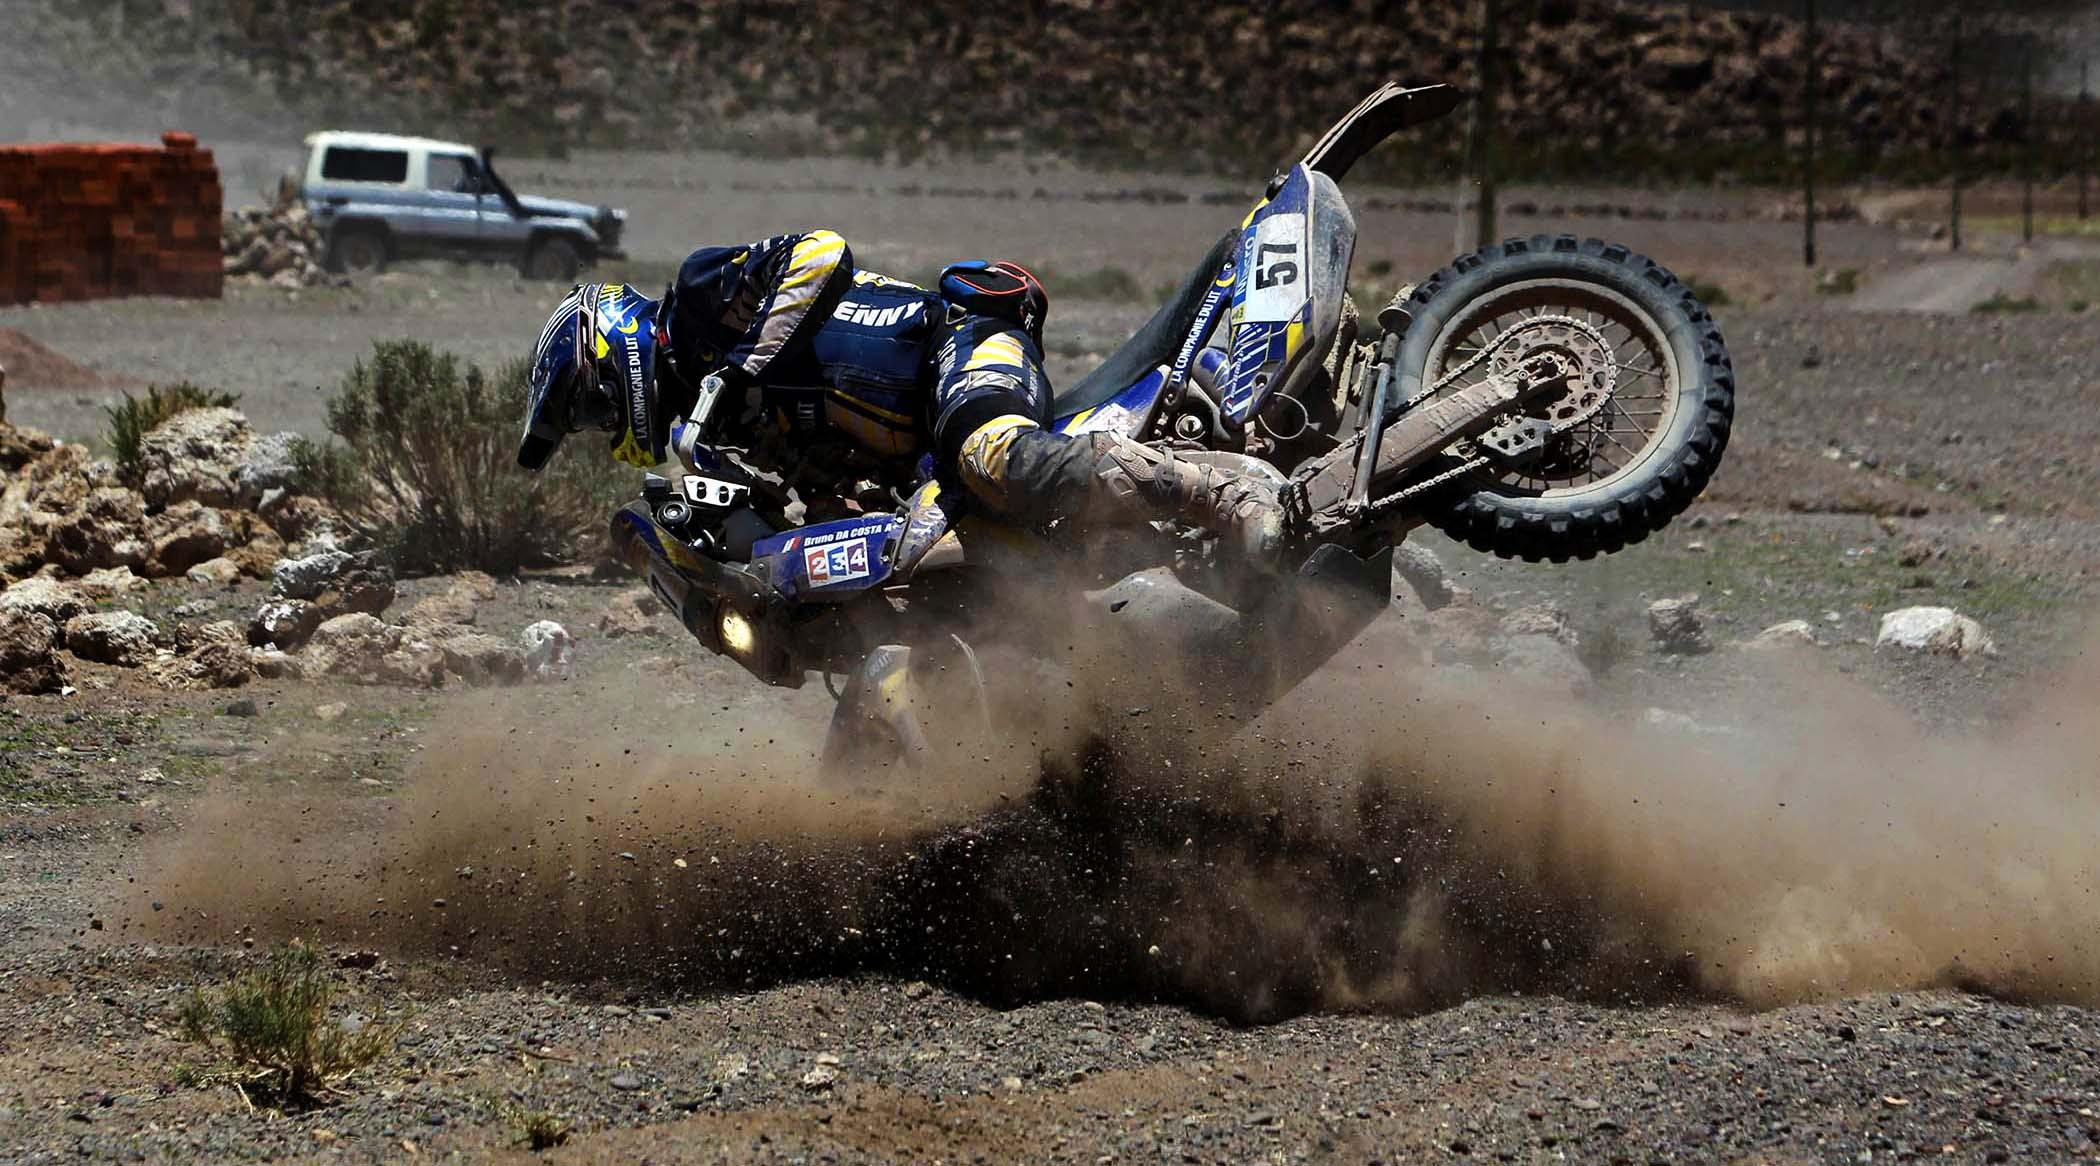 11 Dakar HD Wallpapers | Backgrounds - Wallpaper Abyss